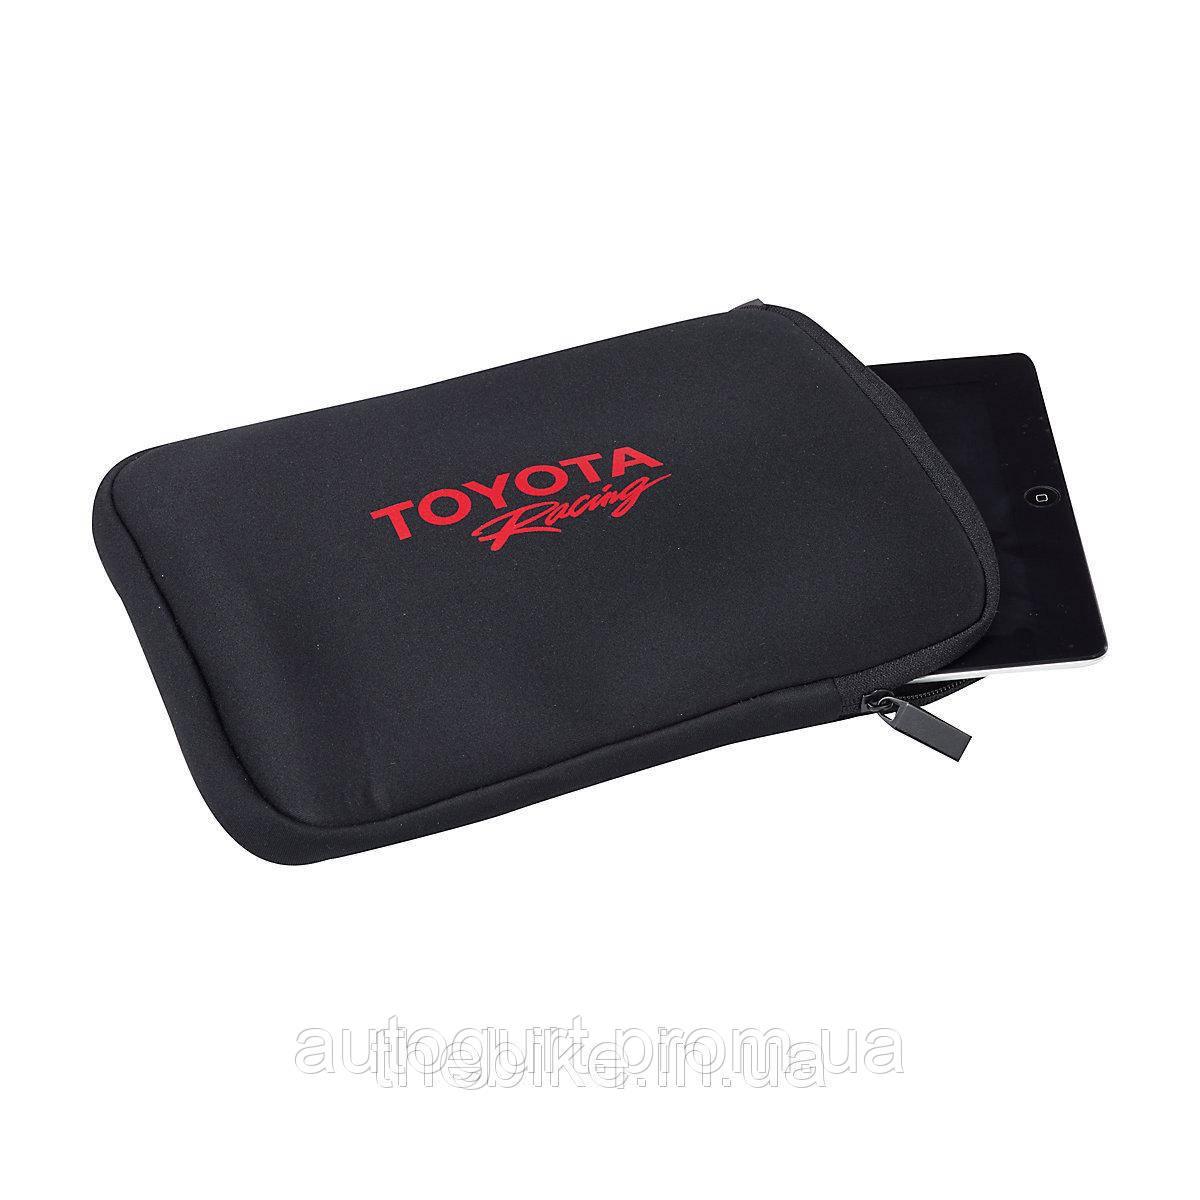 Неопреновый чехол для iPad Sleeve Toyota